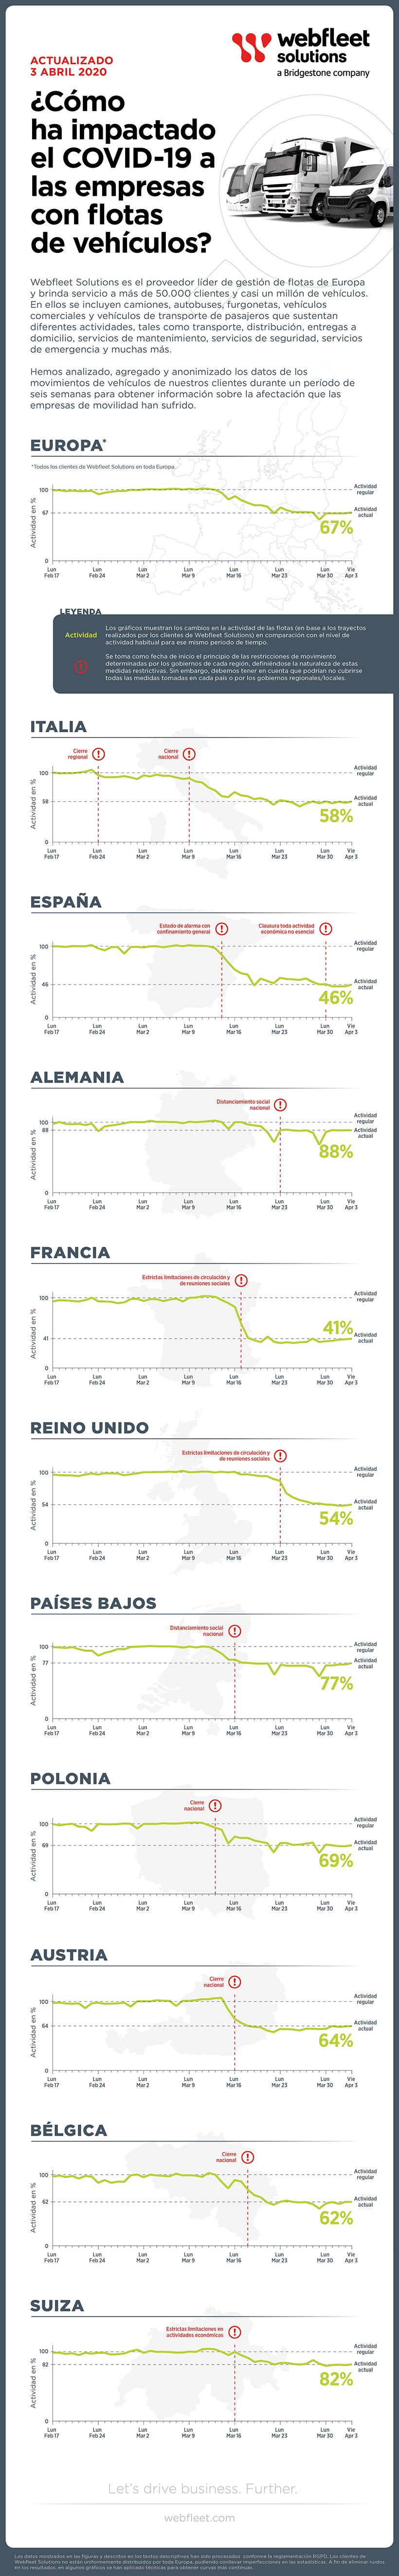 Infografía afectación empresas de movilidad debido COVID-19 a nivel europe0